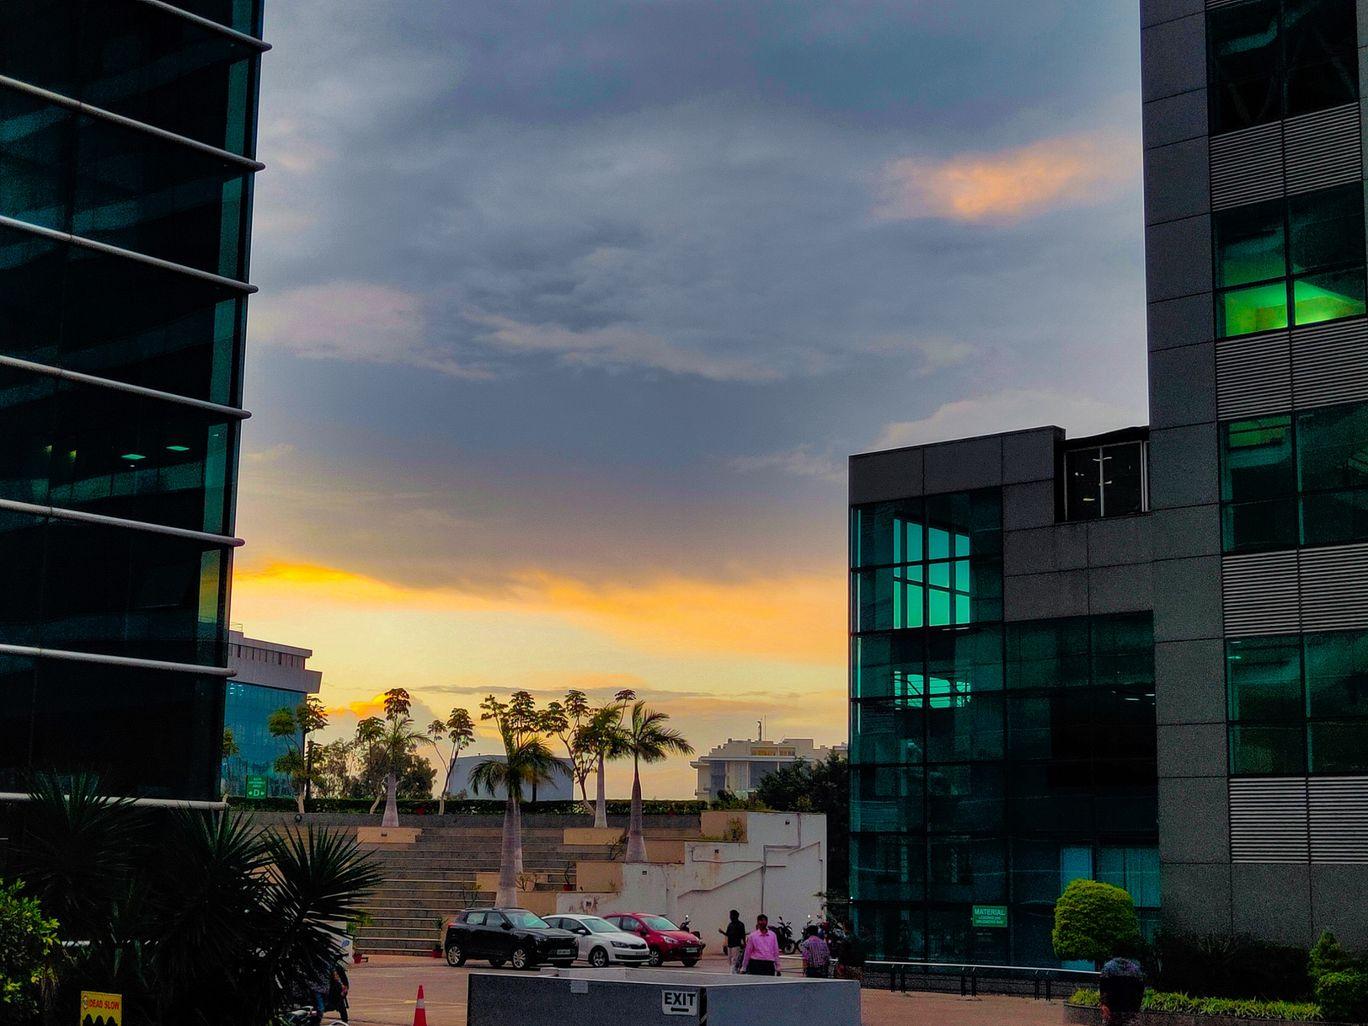 Photo of Bengaluru By Unplugged_kk